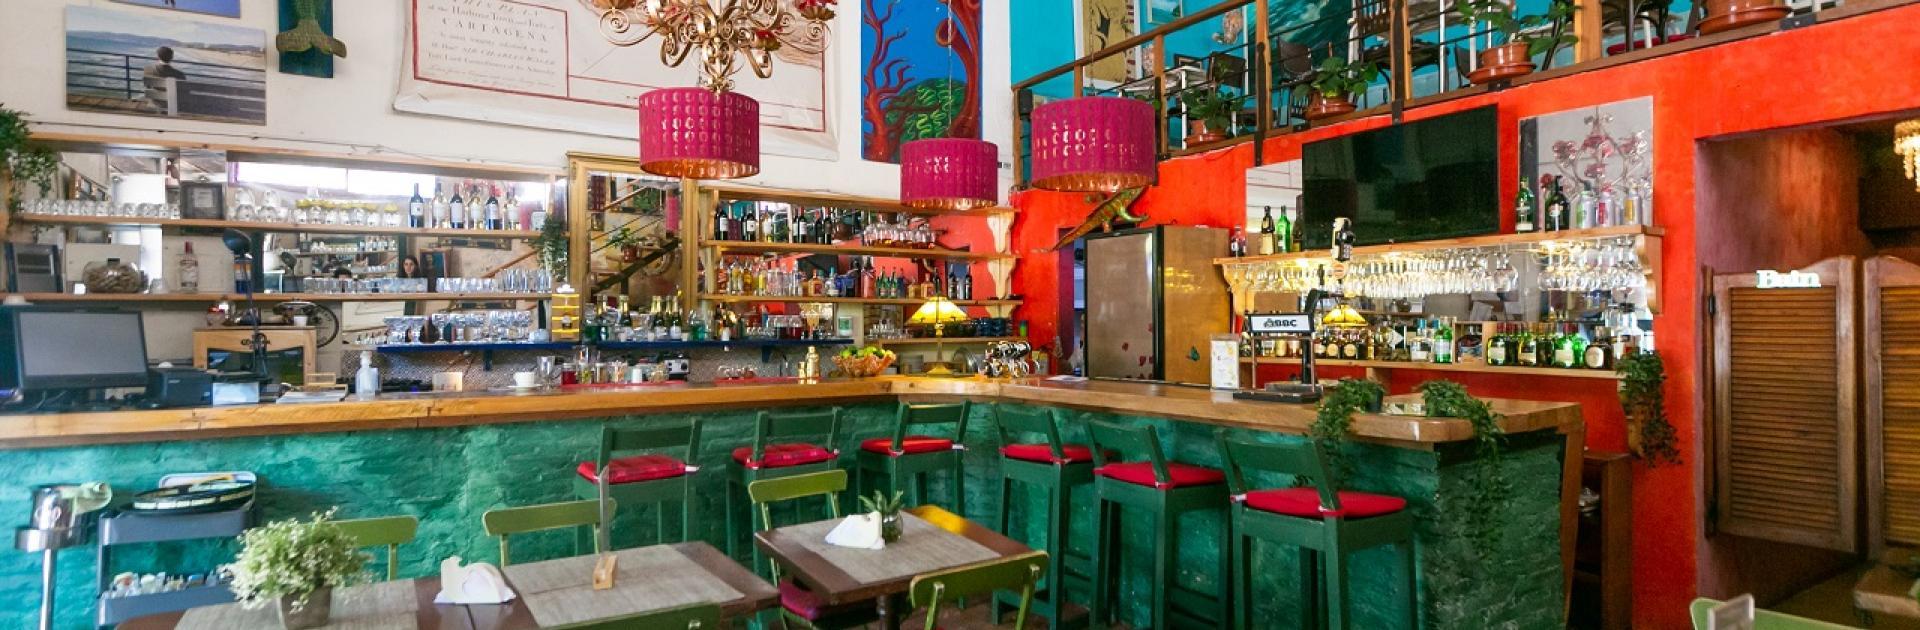 Anticuario Restaurante Santa María Del Mar, participante de Dónde Restaurant Week 2019 en Cartagena de Indias